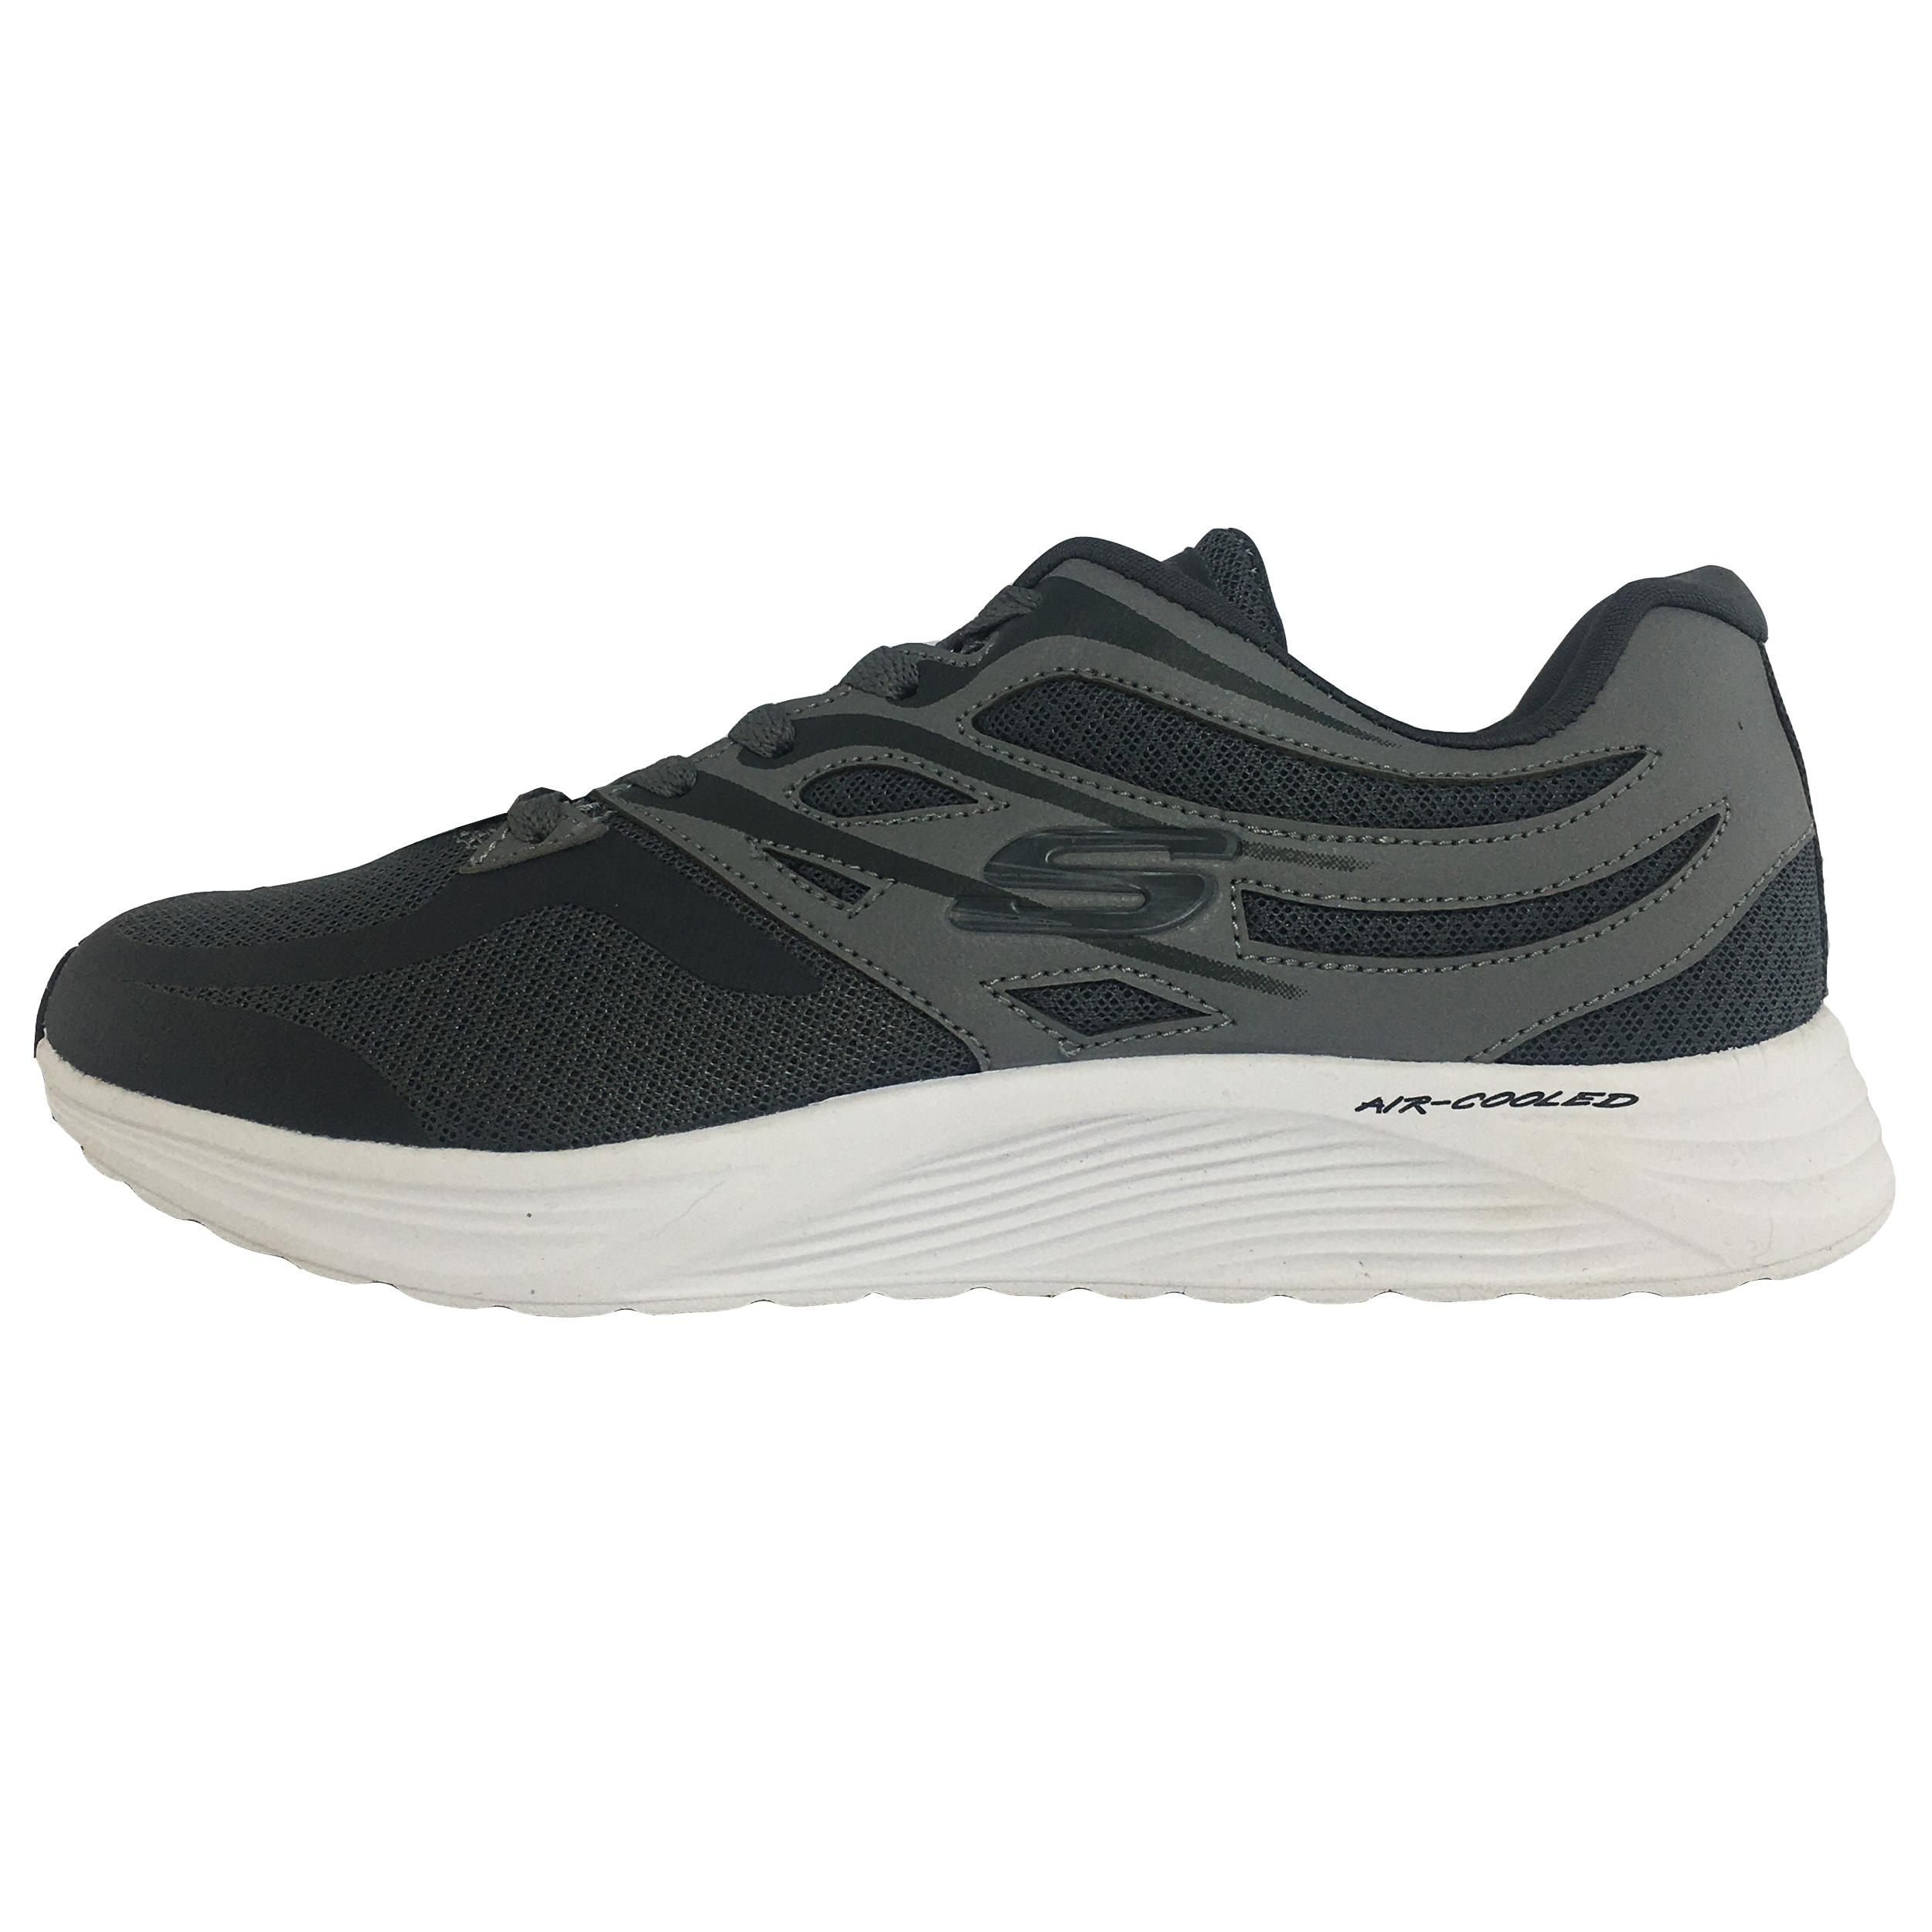 فروش                     کفش مخصوص پیاده روی مردانه اسکچرز مدل Air-ooled کد A68